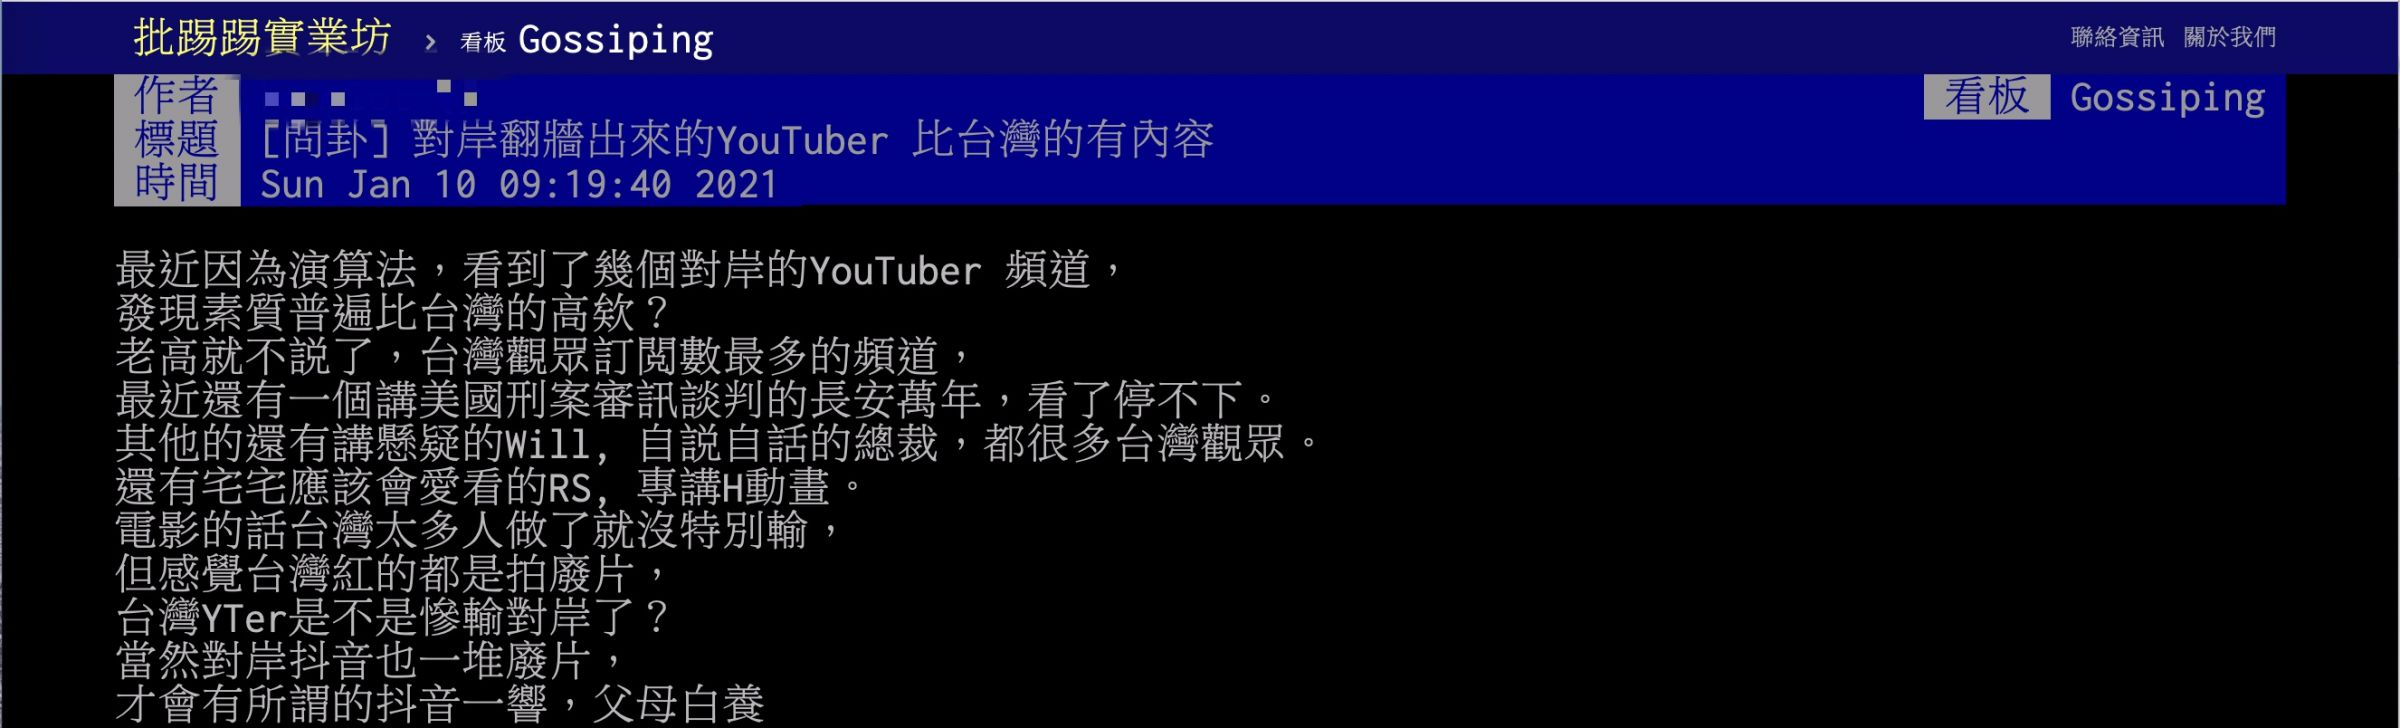 中國網紅有內容?他論台灣YTR慘輸對岸 網評價兩極:人家經營、我們只想賺錢